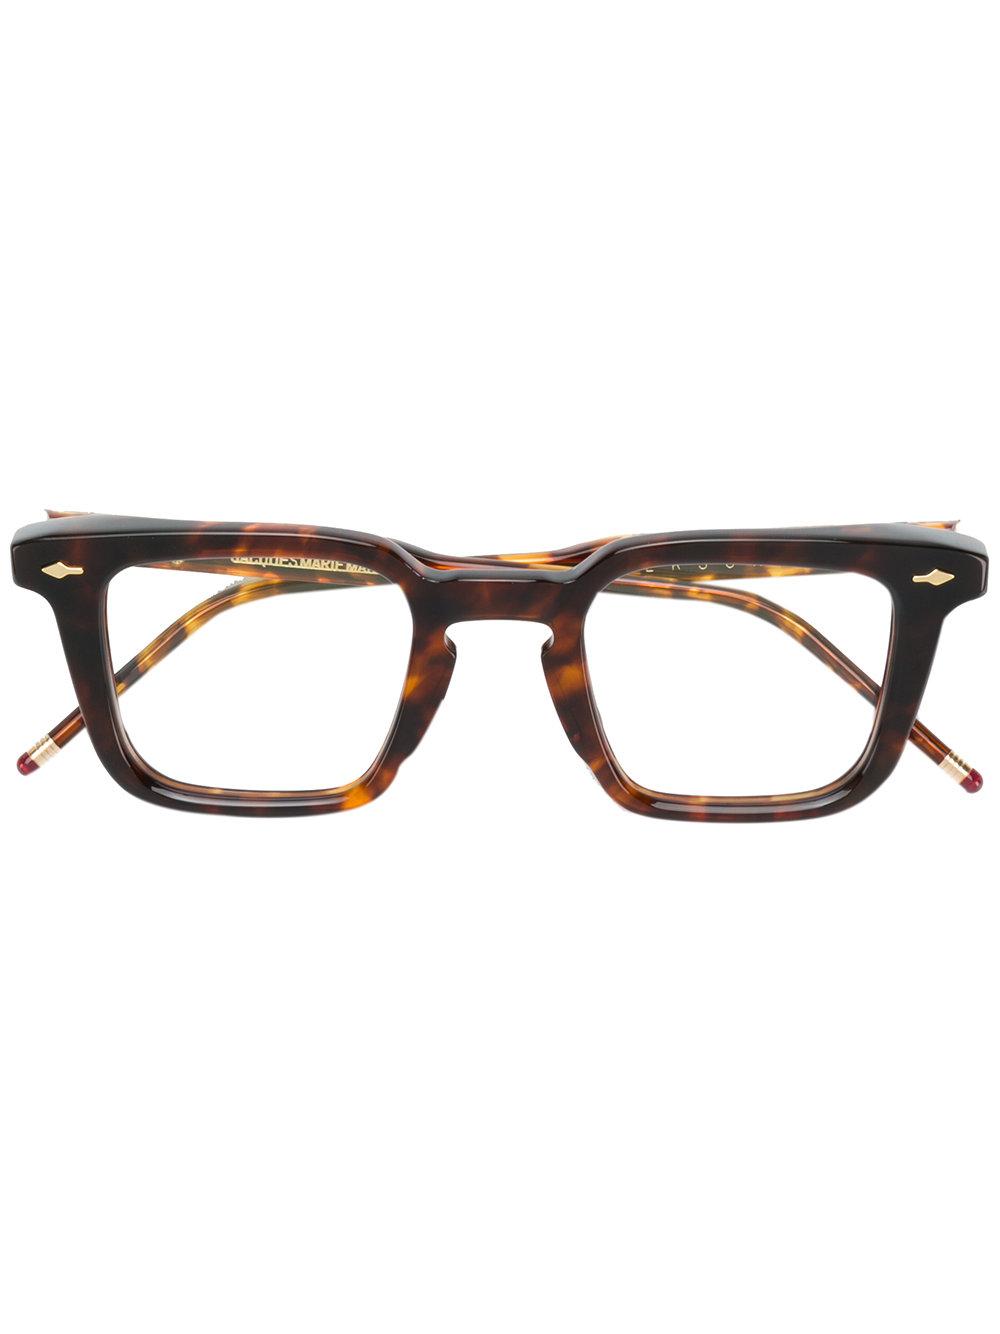 designer eyeglasses online eyeglasses brands list buy optical prescription frames 1 Jacques Marie Mage